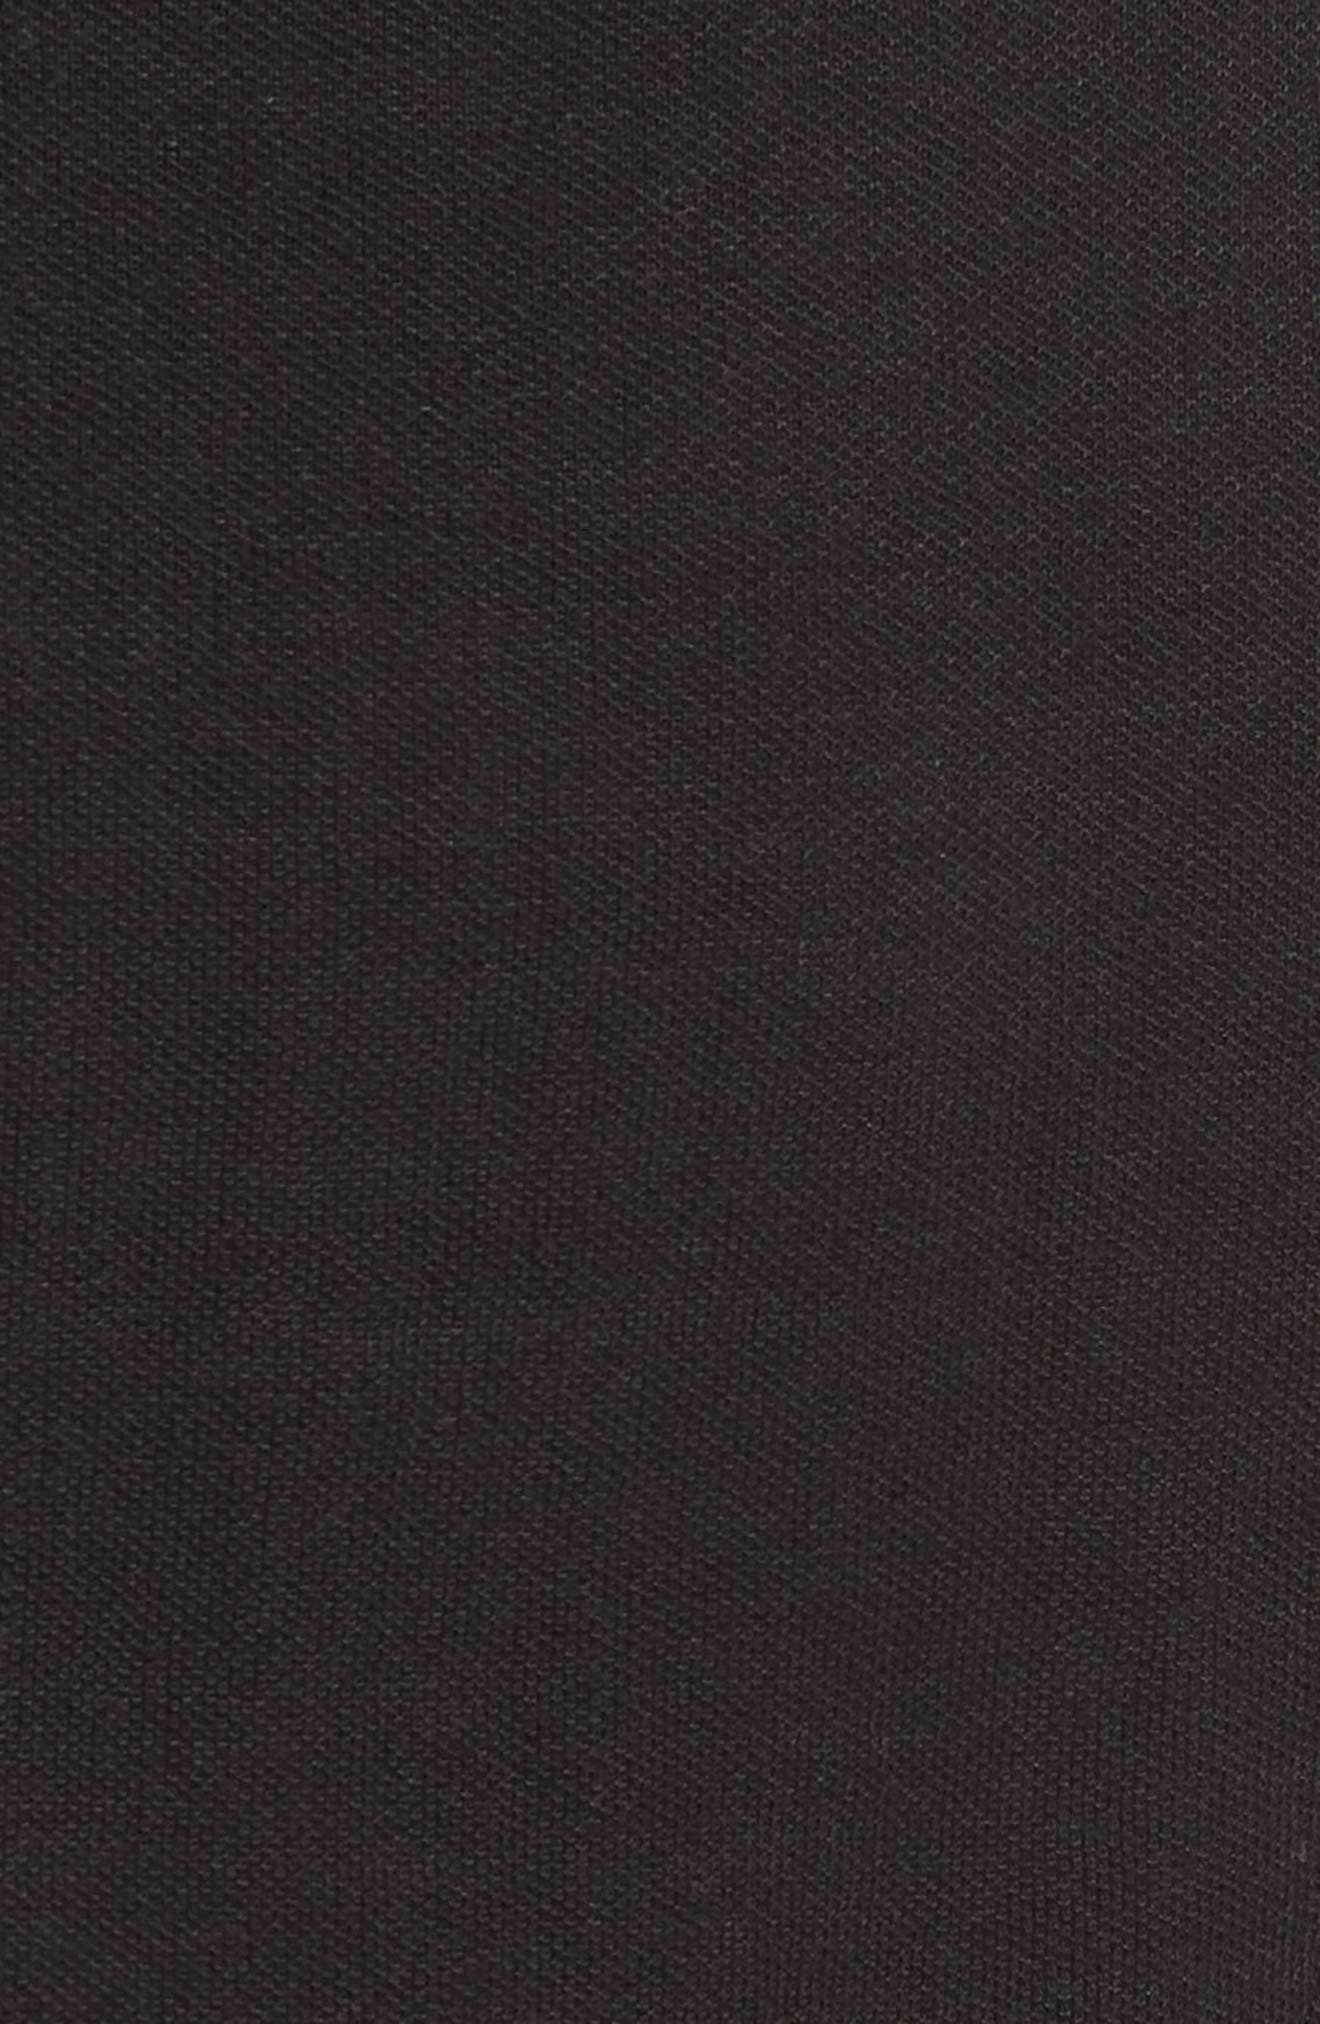 Knit Moto Jacket,                             Alternate thumbnail 5, color,                             Black